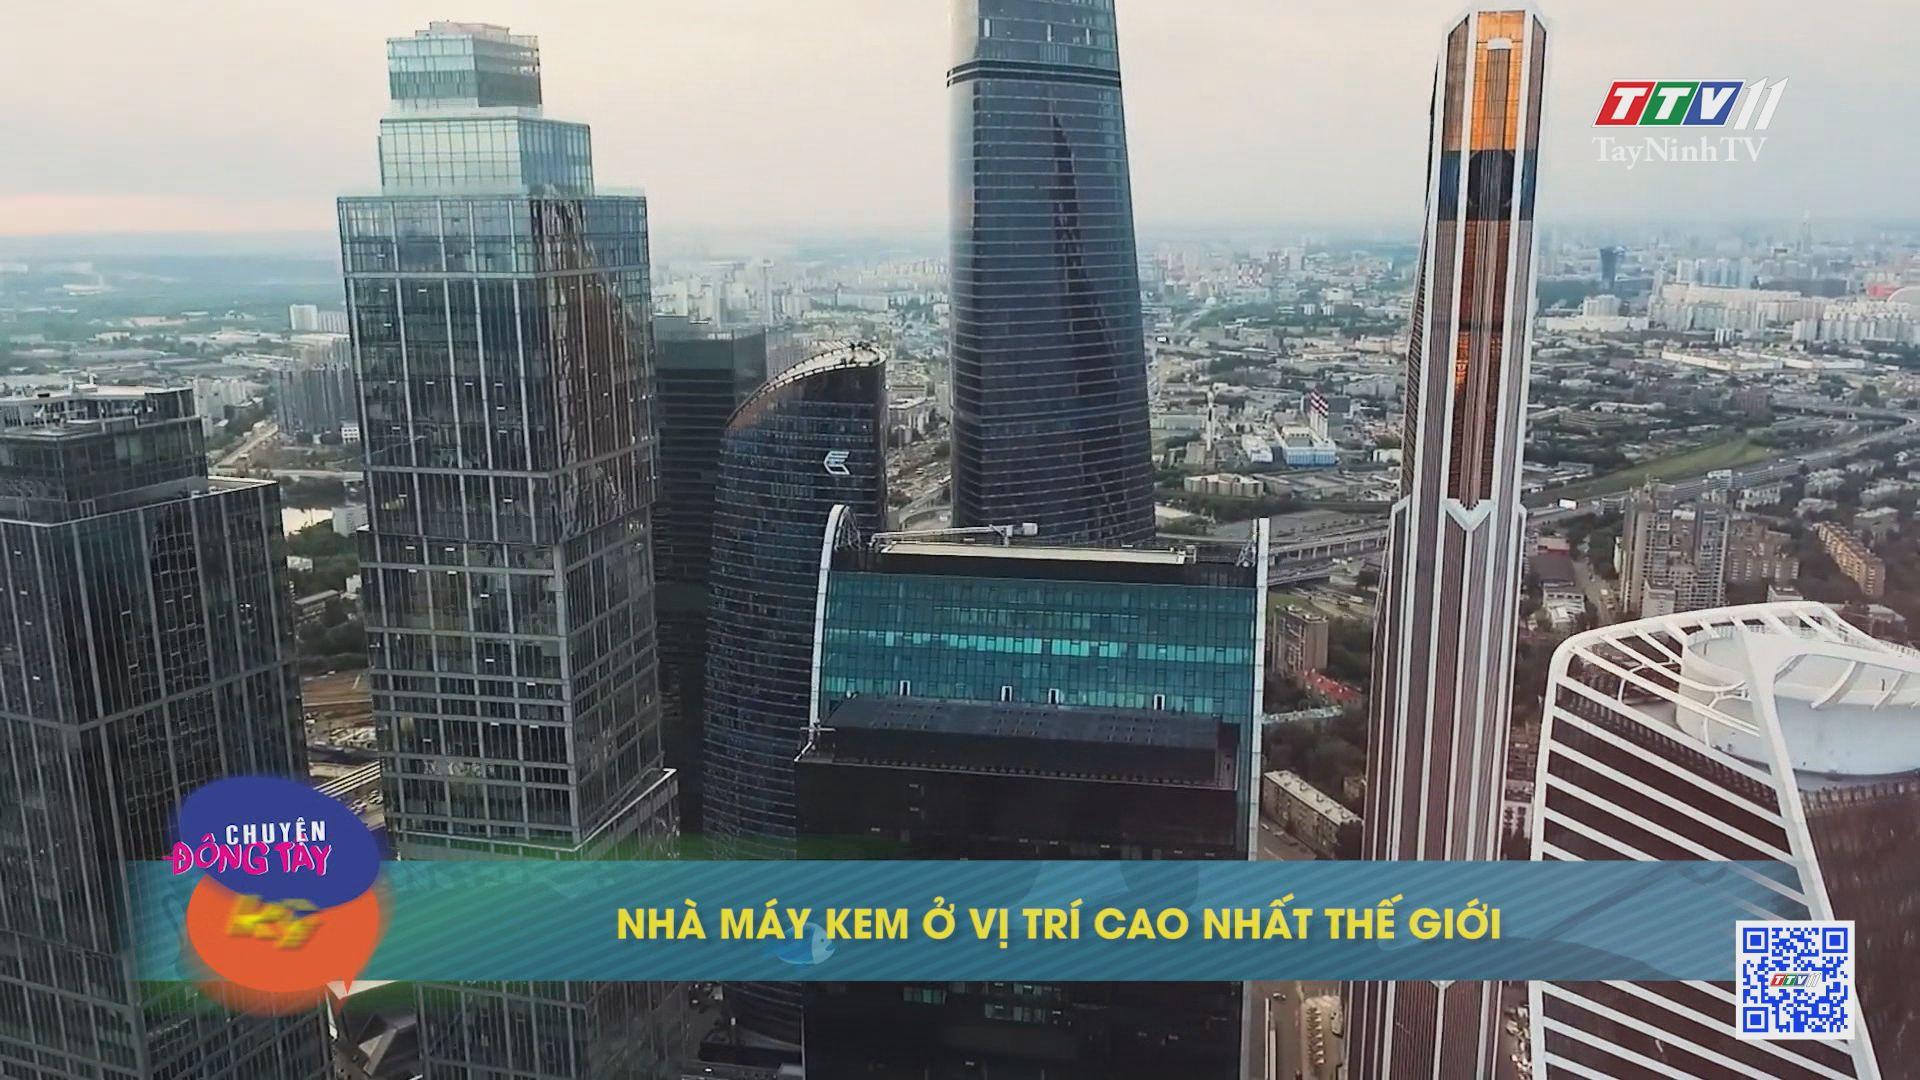 Nhà máy kem ở vị trí cao nhất thế giới | CHUYỆN ĐÔNG TÂY KỲ THÚ | TayNinhTV